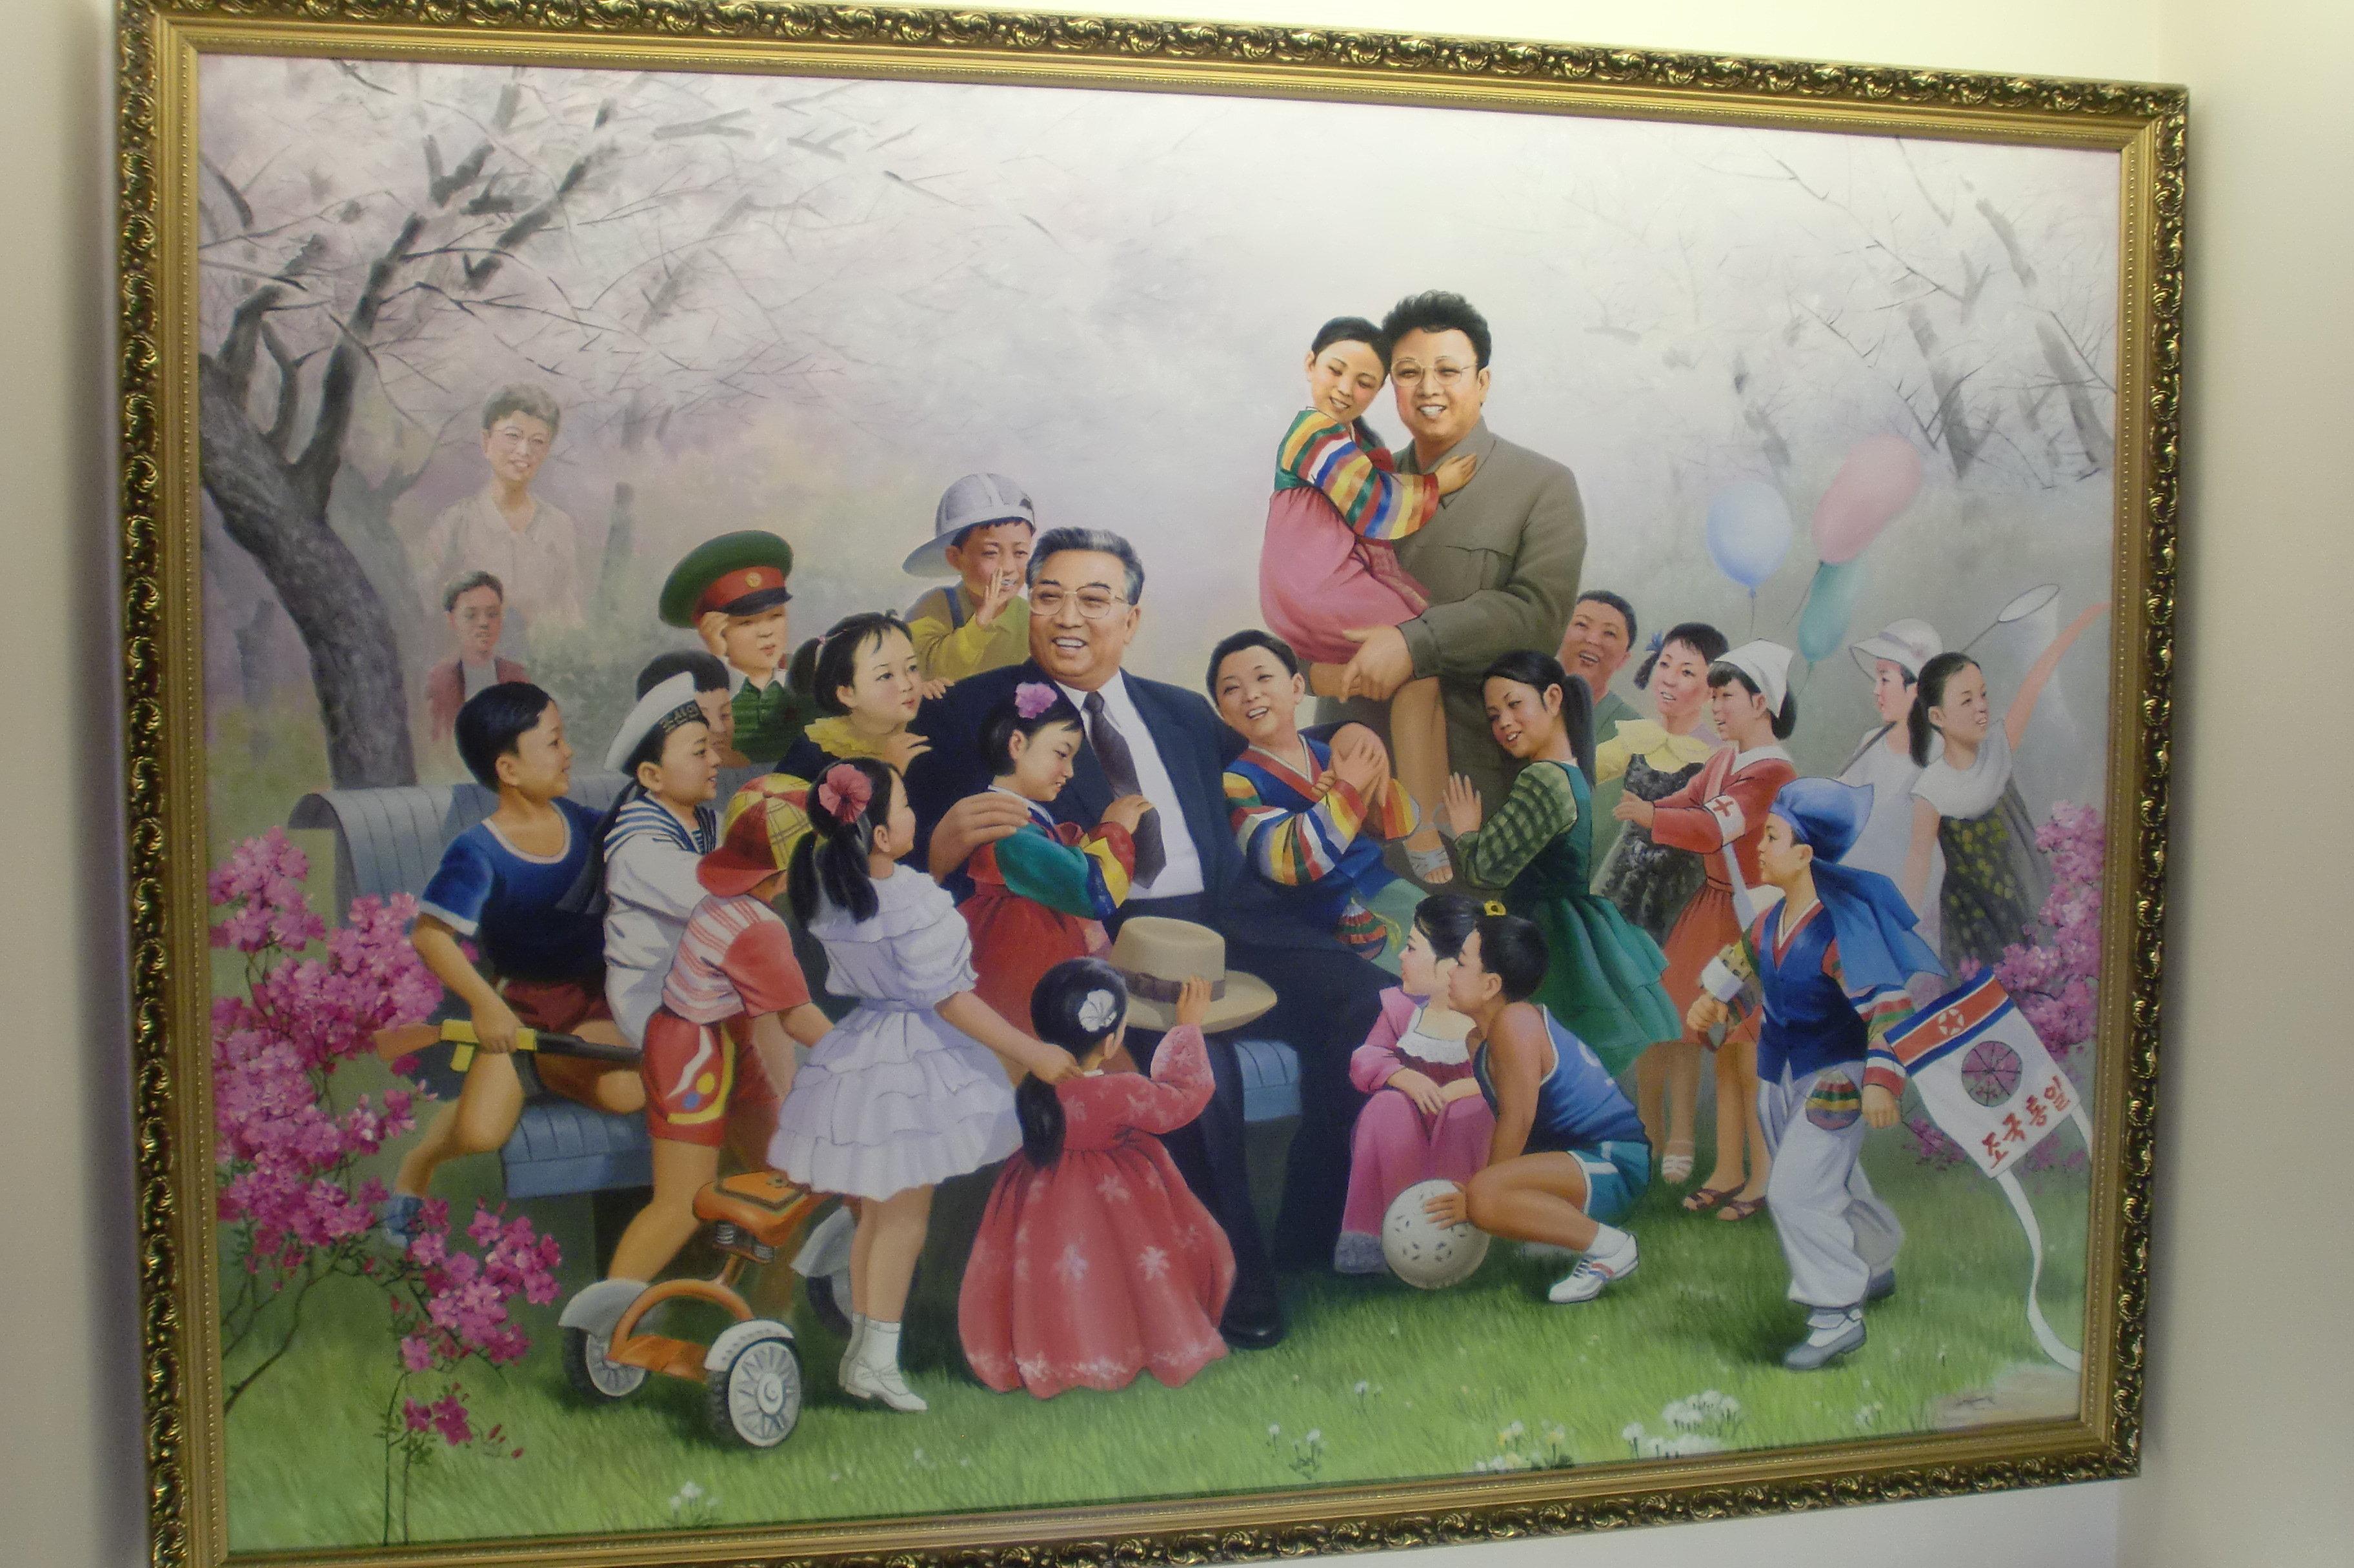 Le tableau ornant un mur dans le jardin d'enfants d'une fabrique de soie à Pyongyang